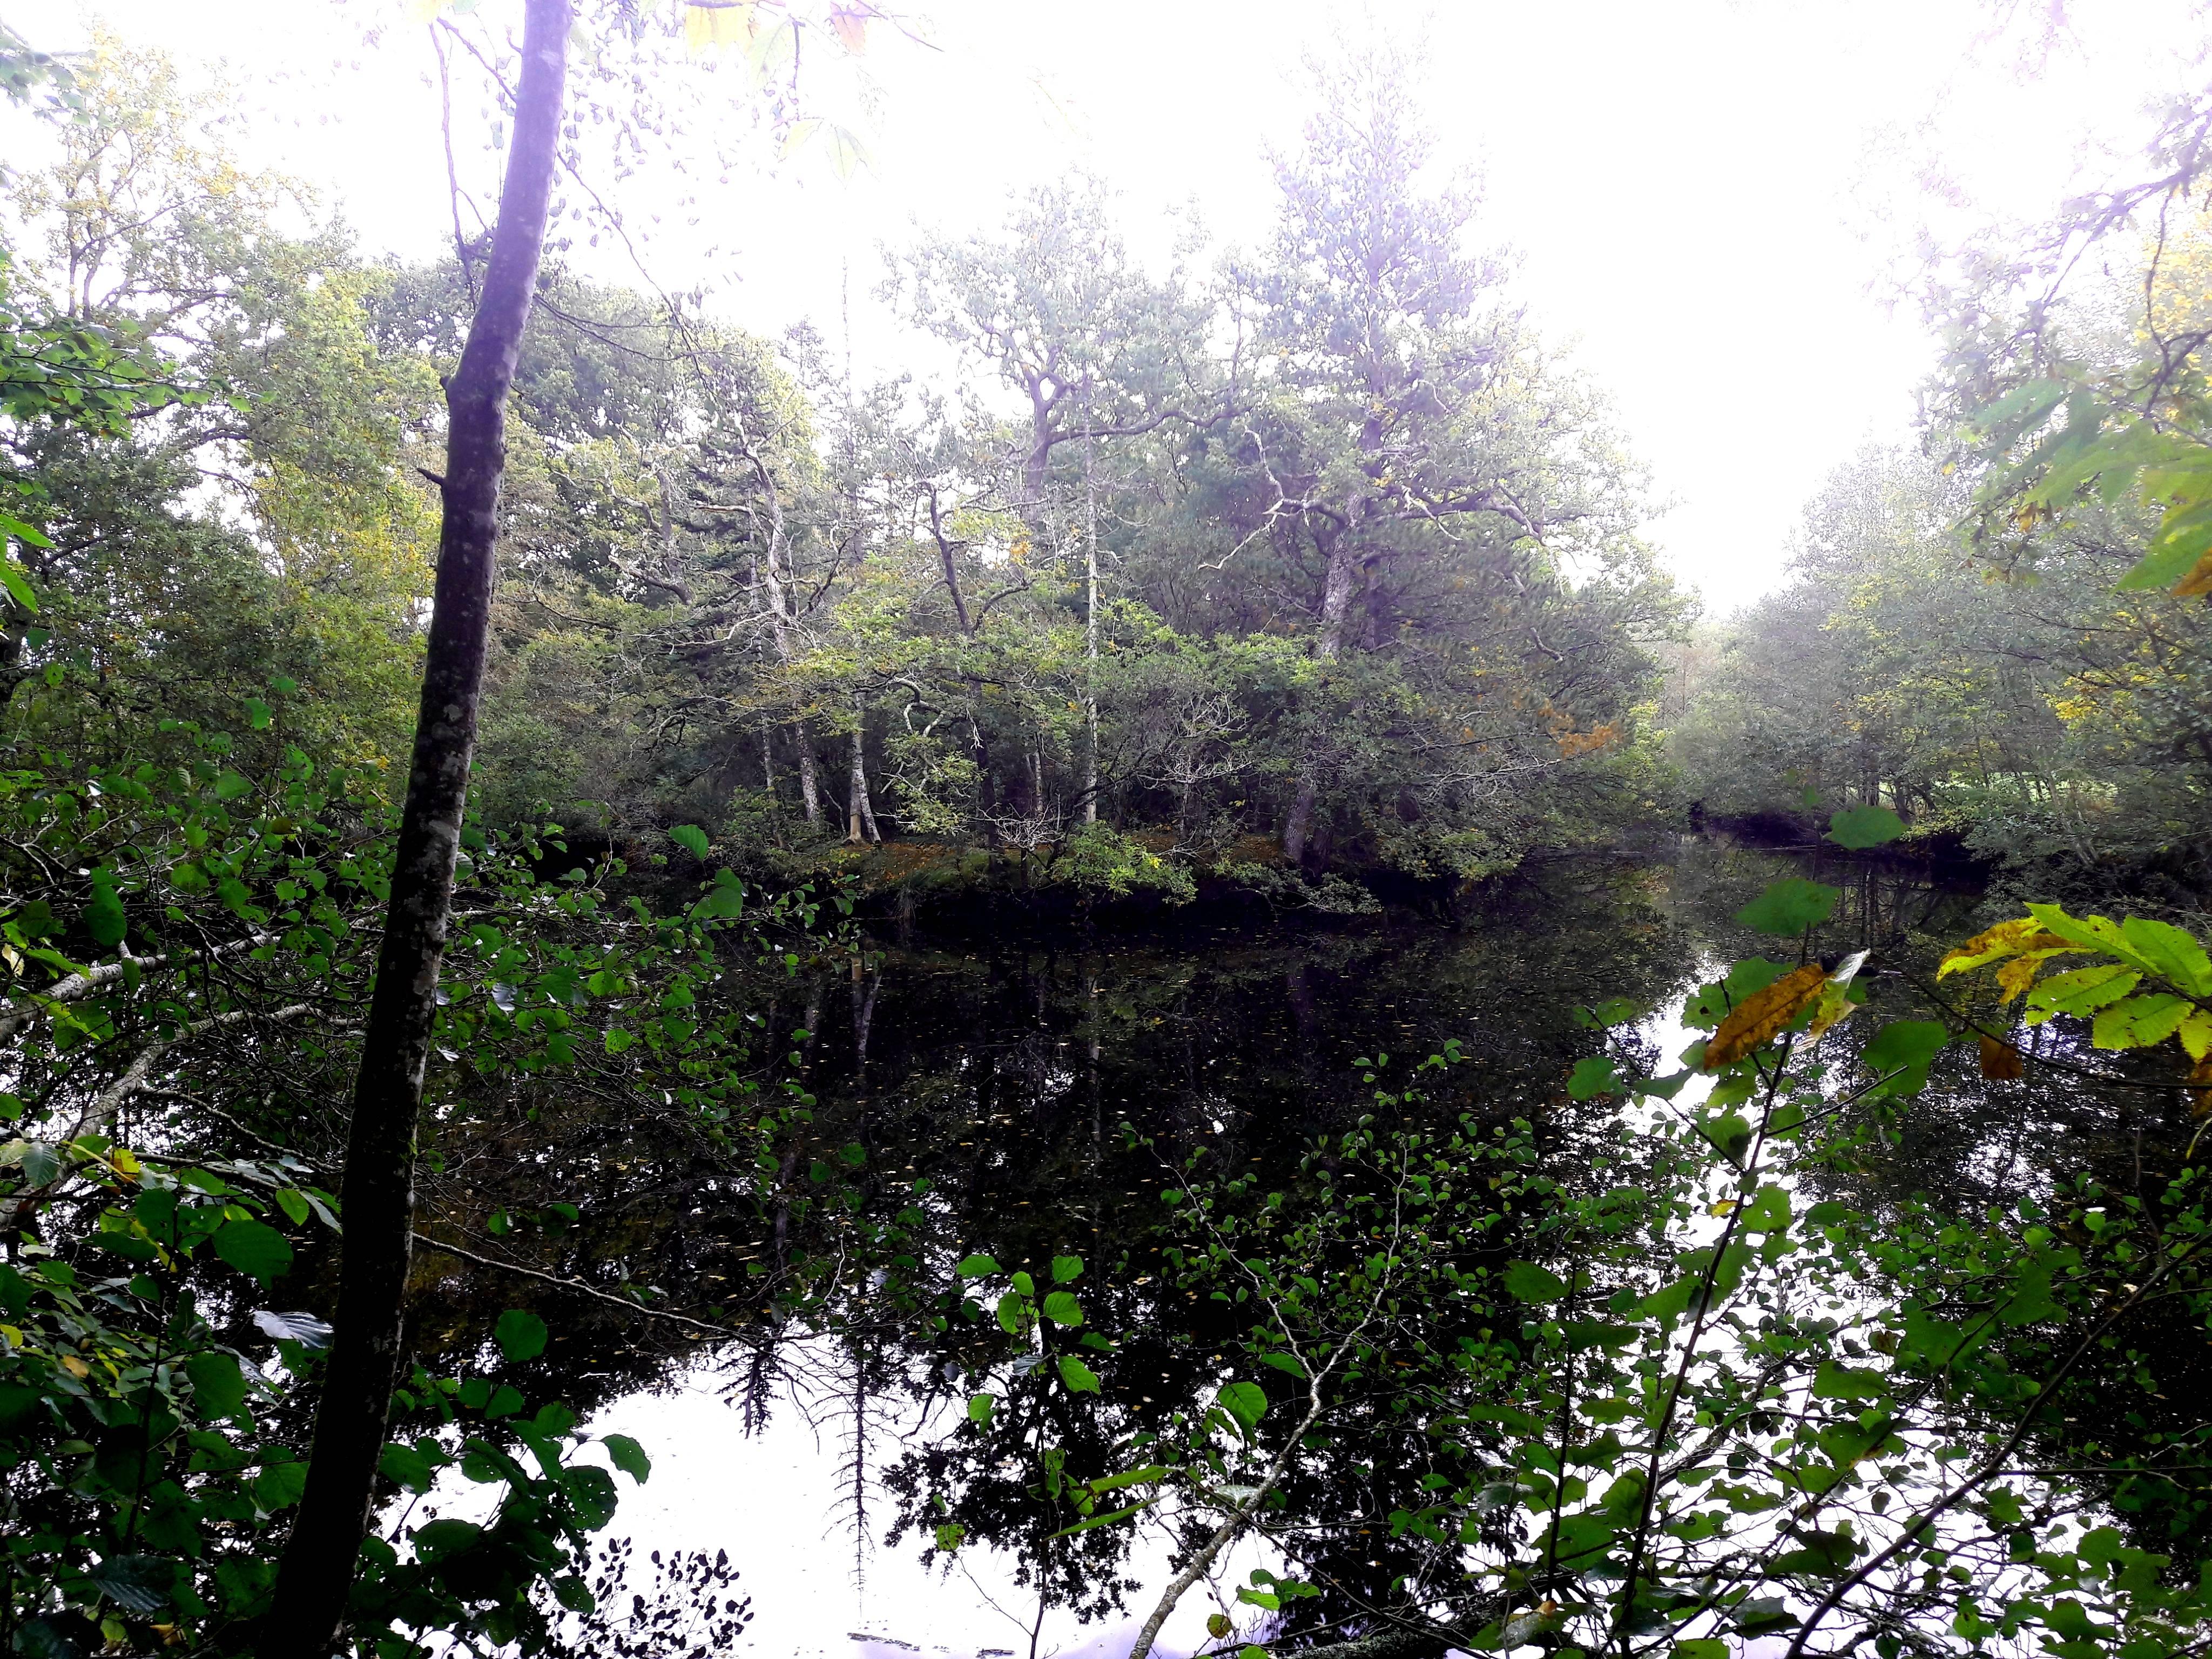 Photo 3: Balade au parc de Keravéon, Erdeven